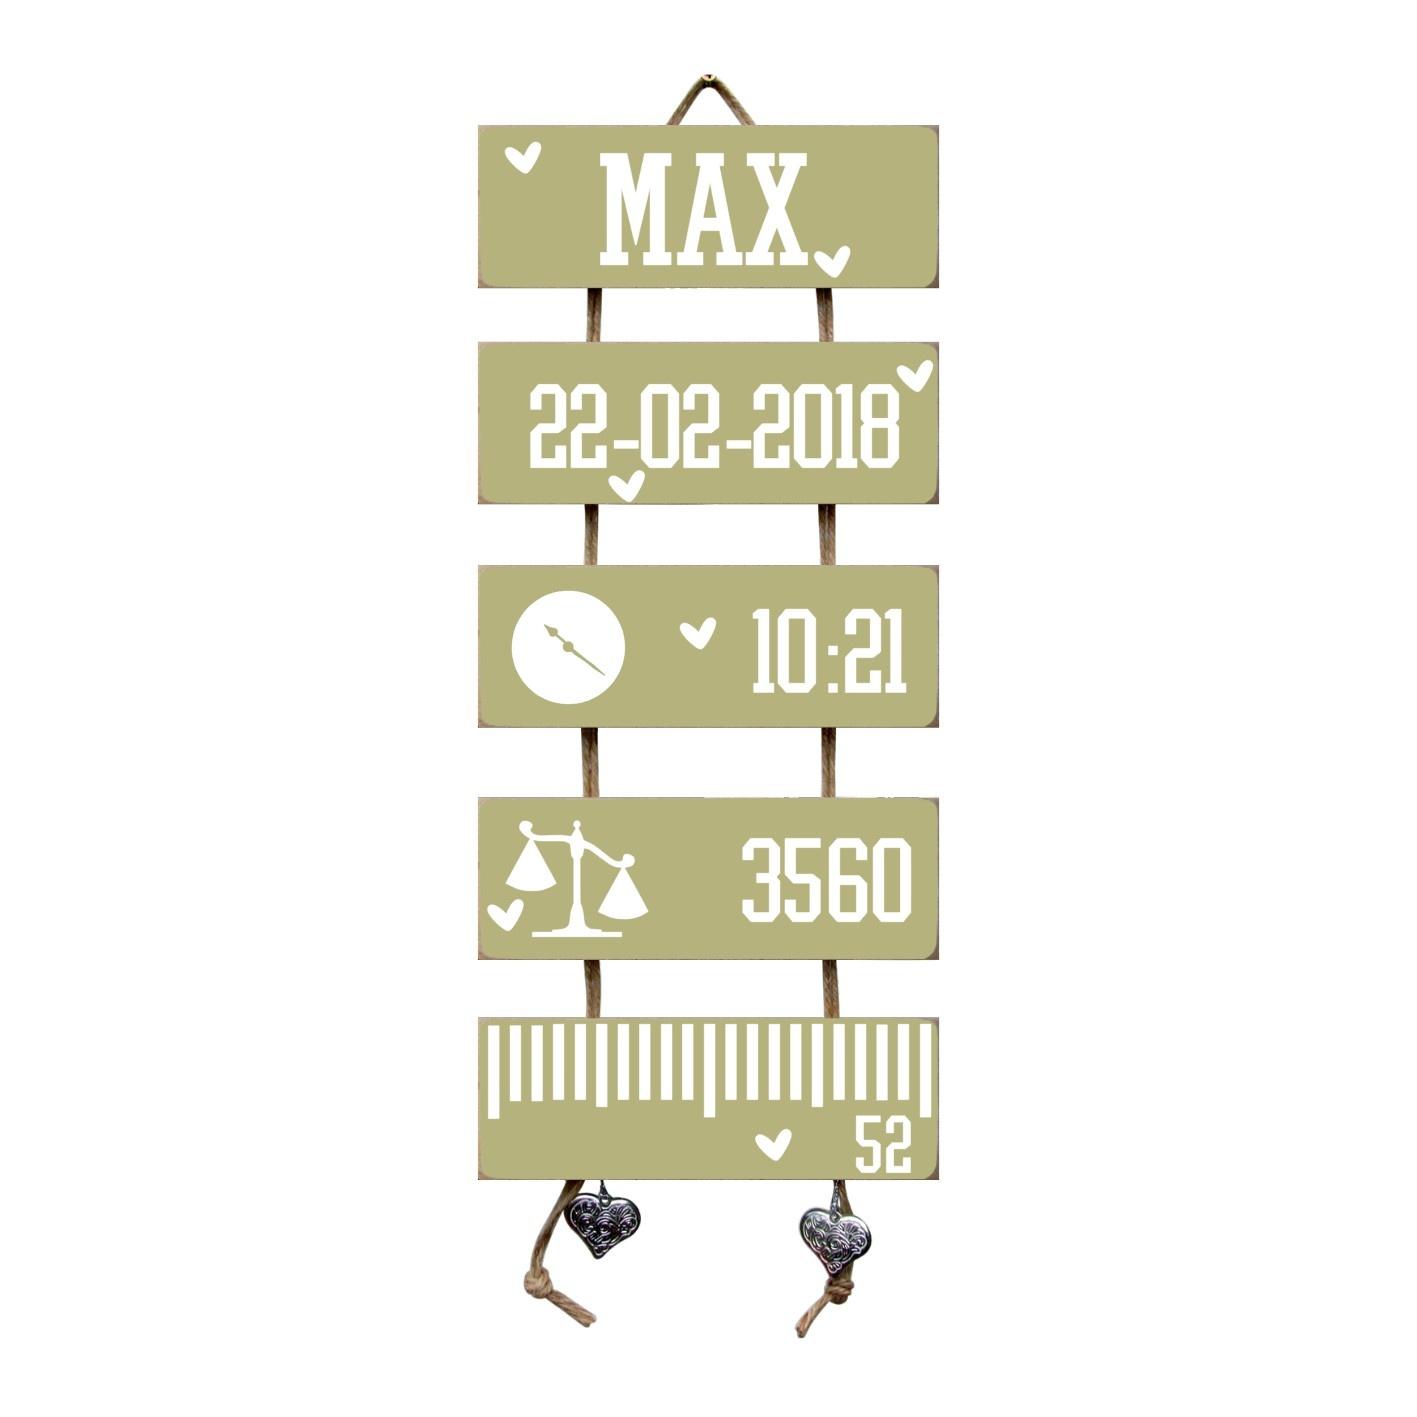 Kraamcadeau Geboorteladder Max Olive Tree Flexa